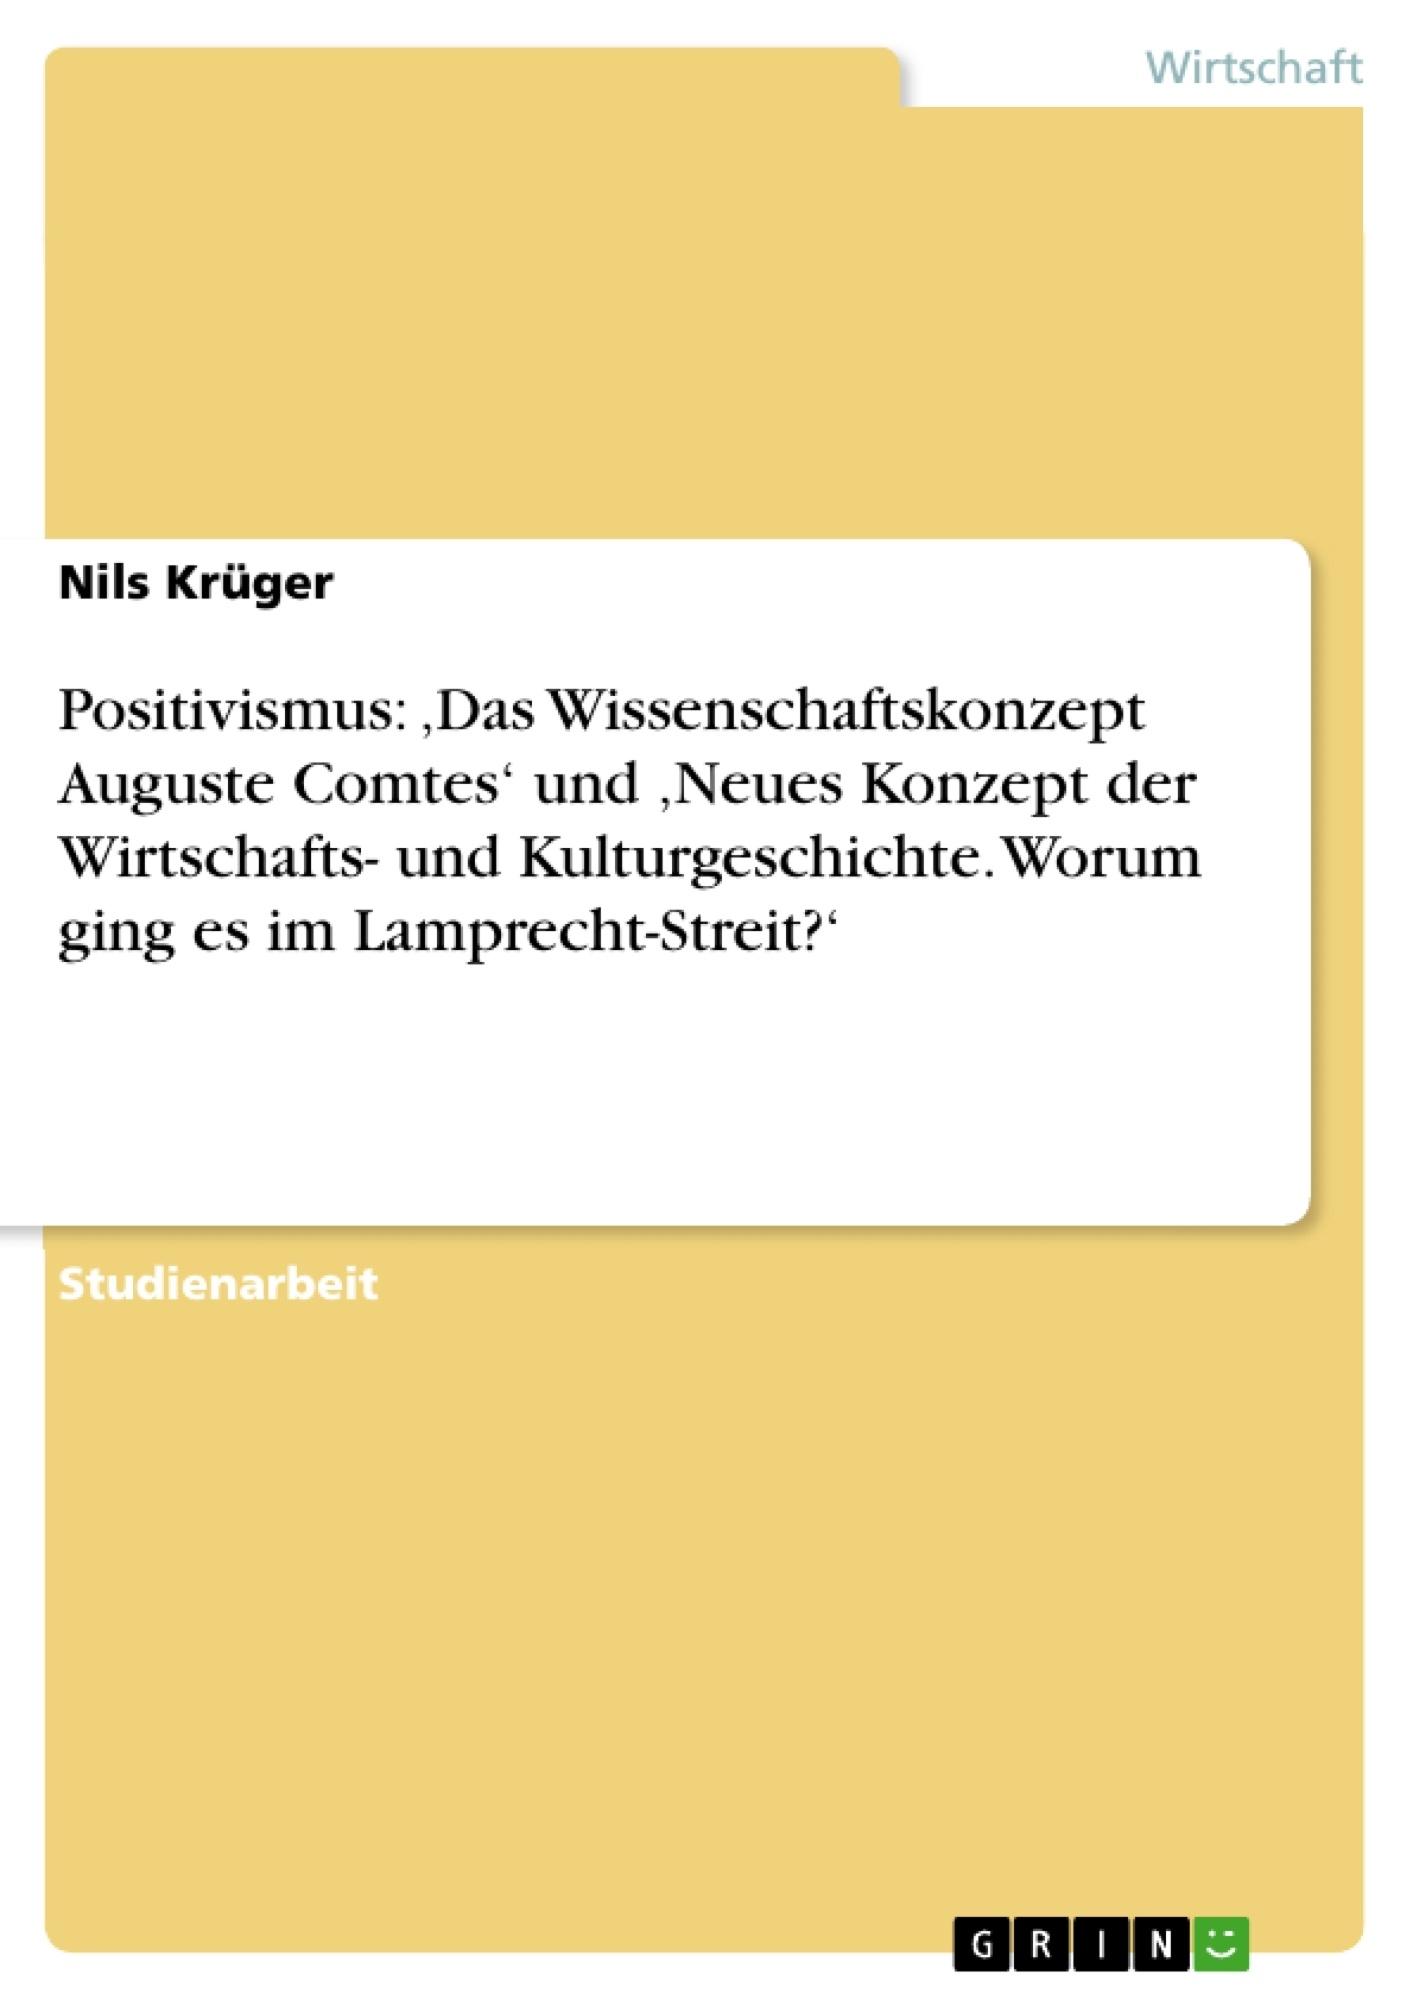 Titel: Positivismus: 'Das Wissenschaftskonzept Auguste Comtes' und 'Neues Konzept der Wirtschafts- und Kulturgeschichte. Worum ging es im Lamprecht-Streit?'